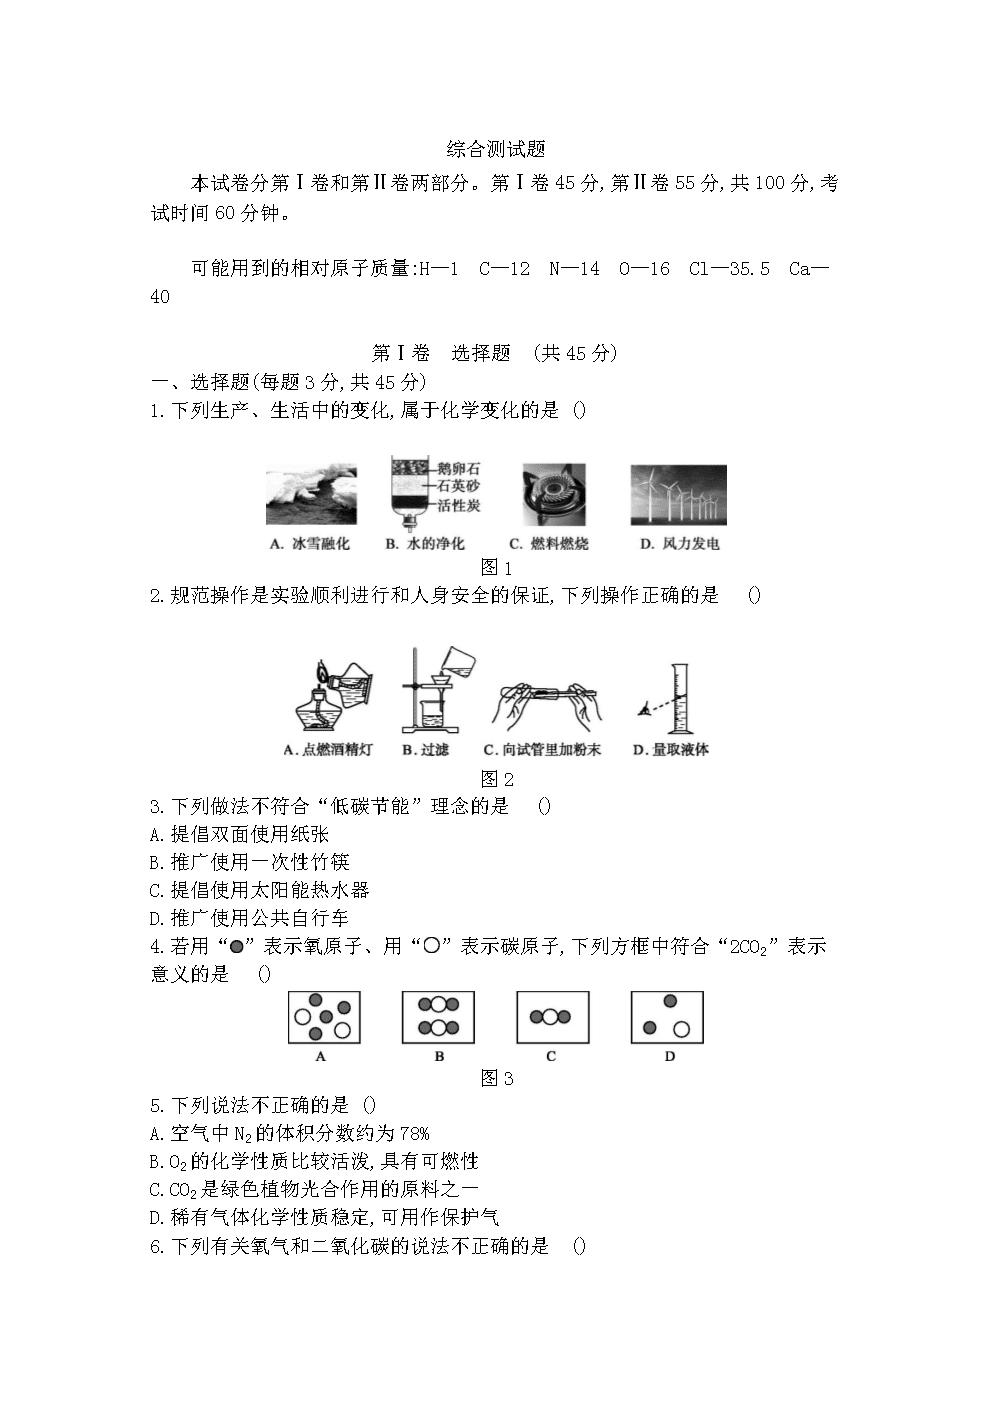 人教版九年级化学上册全册综合测试题.doc